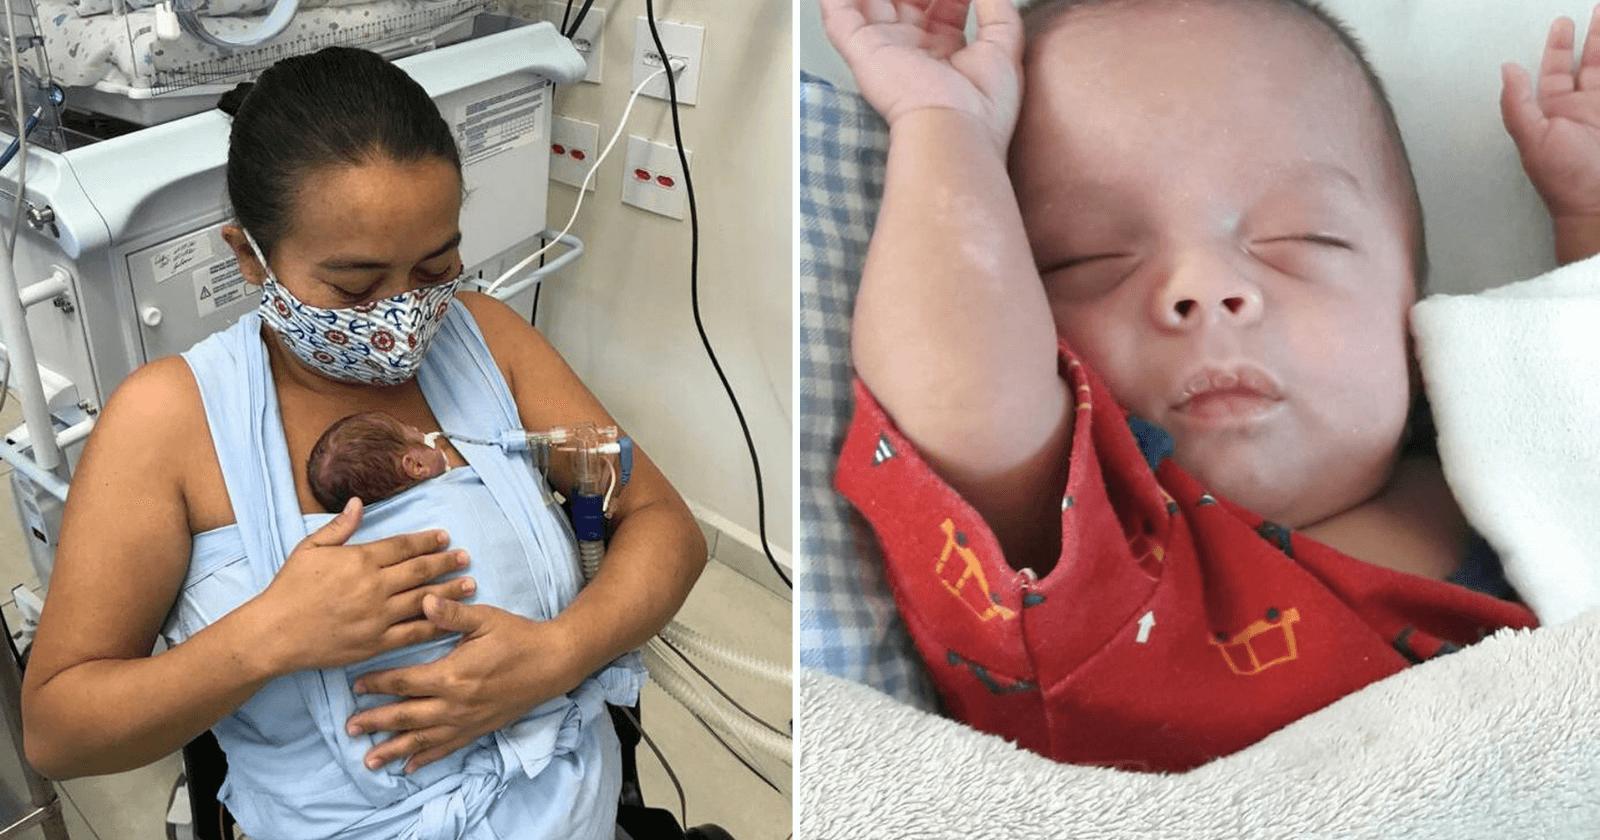 bebe-que-nasceu-com-620-gramas-recebe-alta-apos-5-meses-de-luta-mae-e-medicos-comemoram